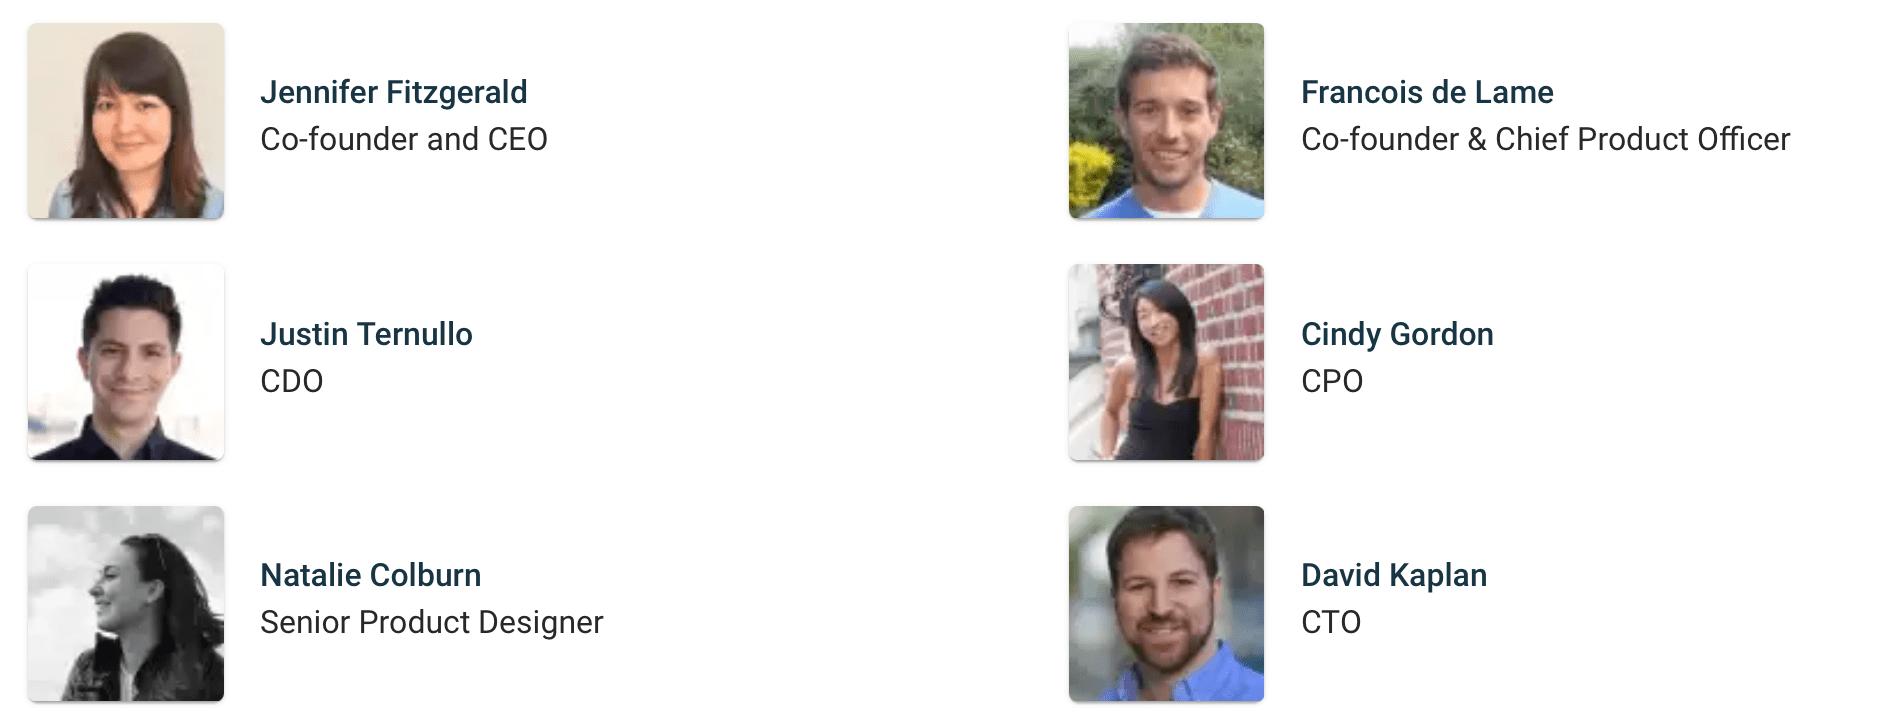 Policygenius Managment Team 2021